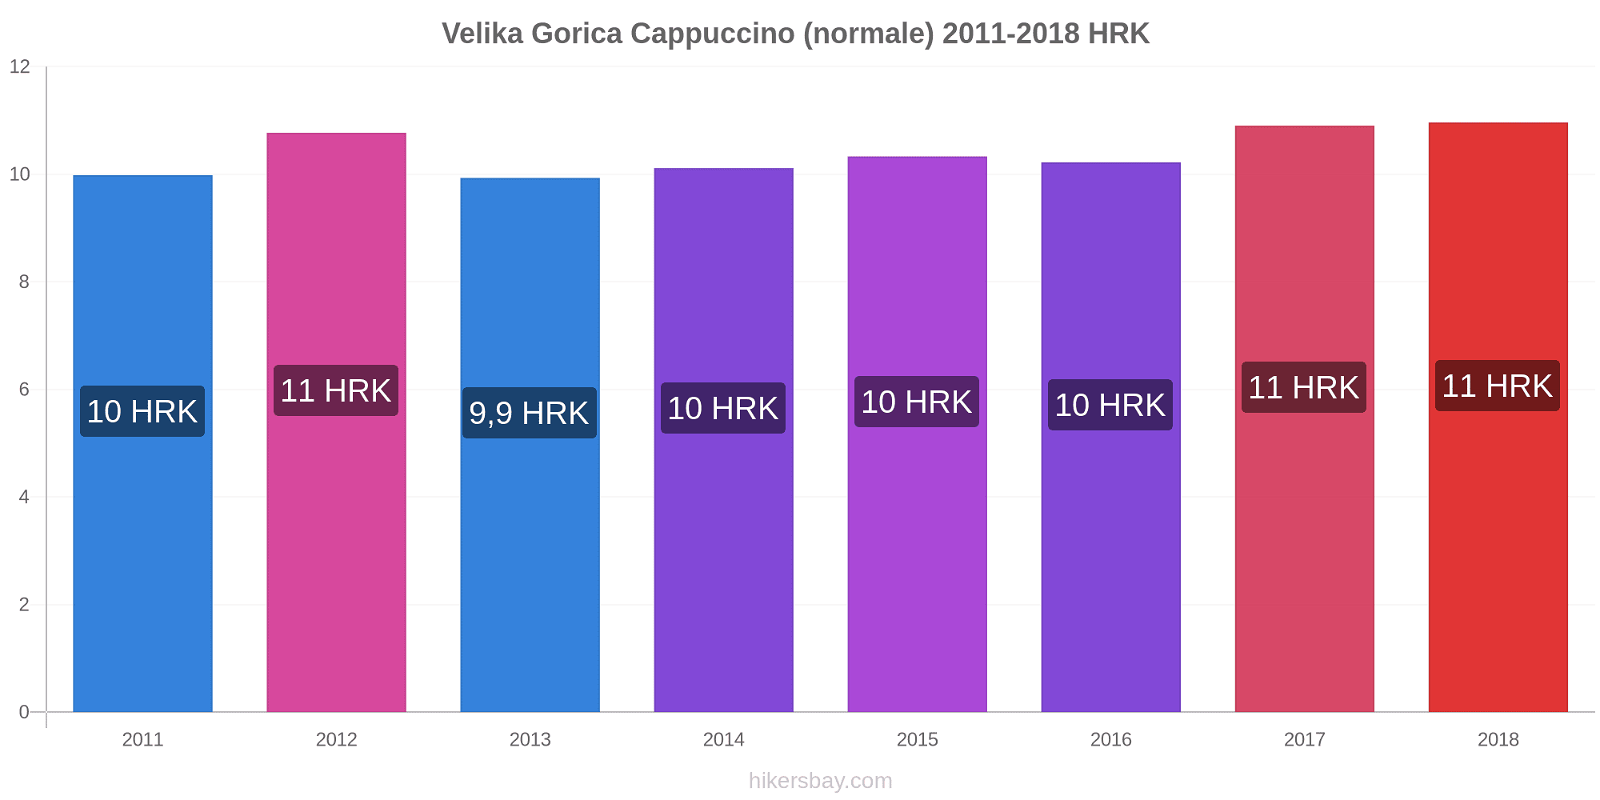 Velika Gorica variazioni di prezzo Cappuccino (normale) hikersbay.com